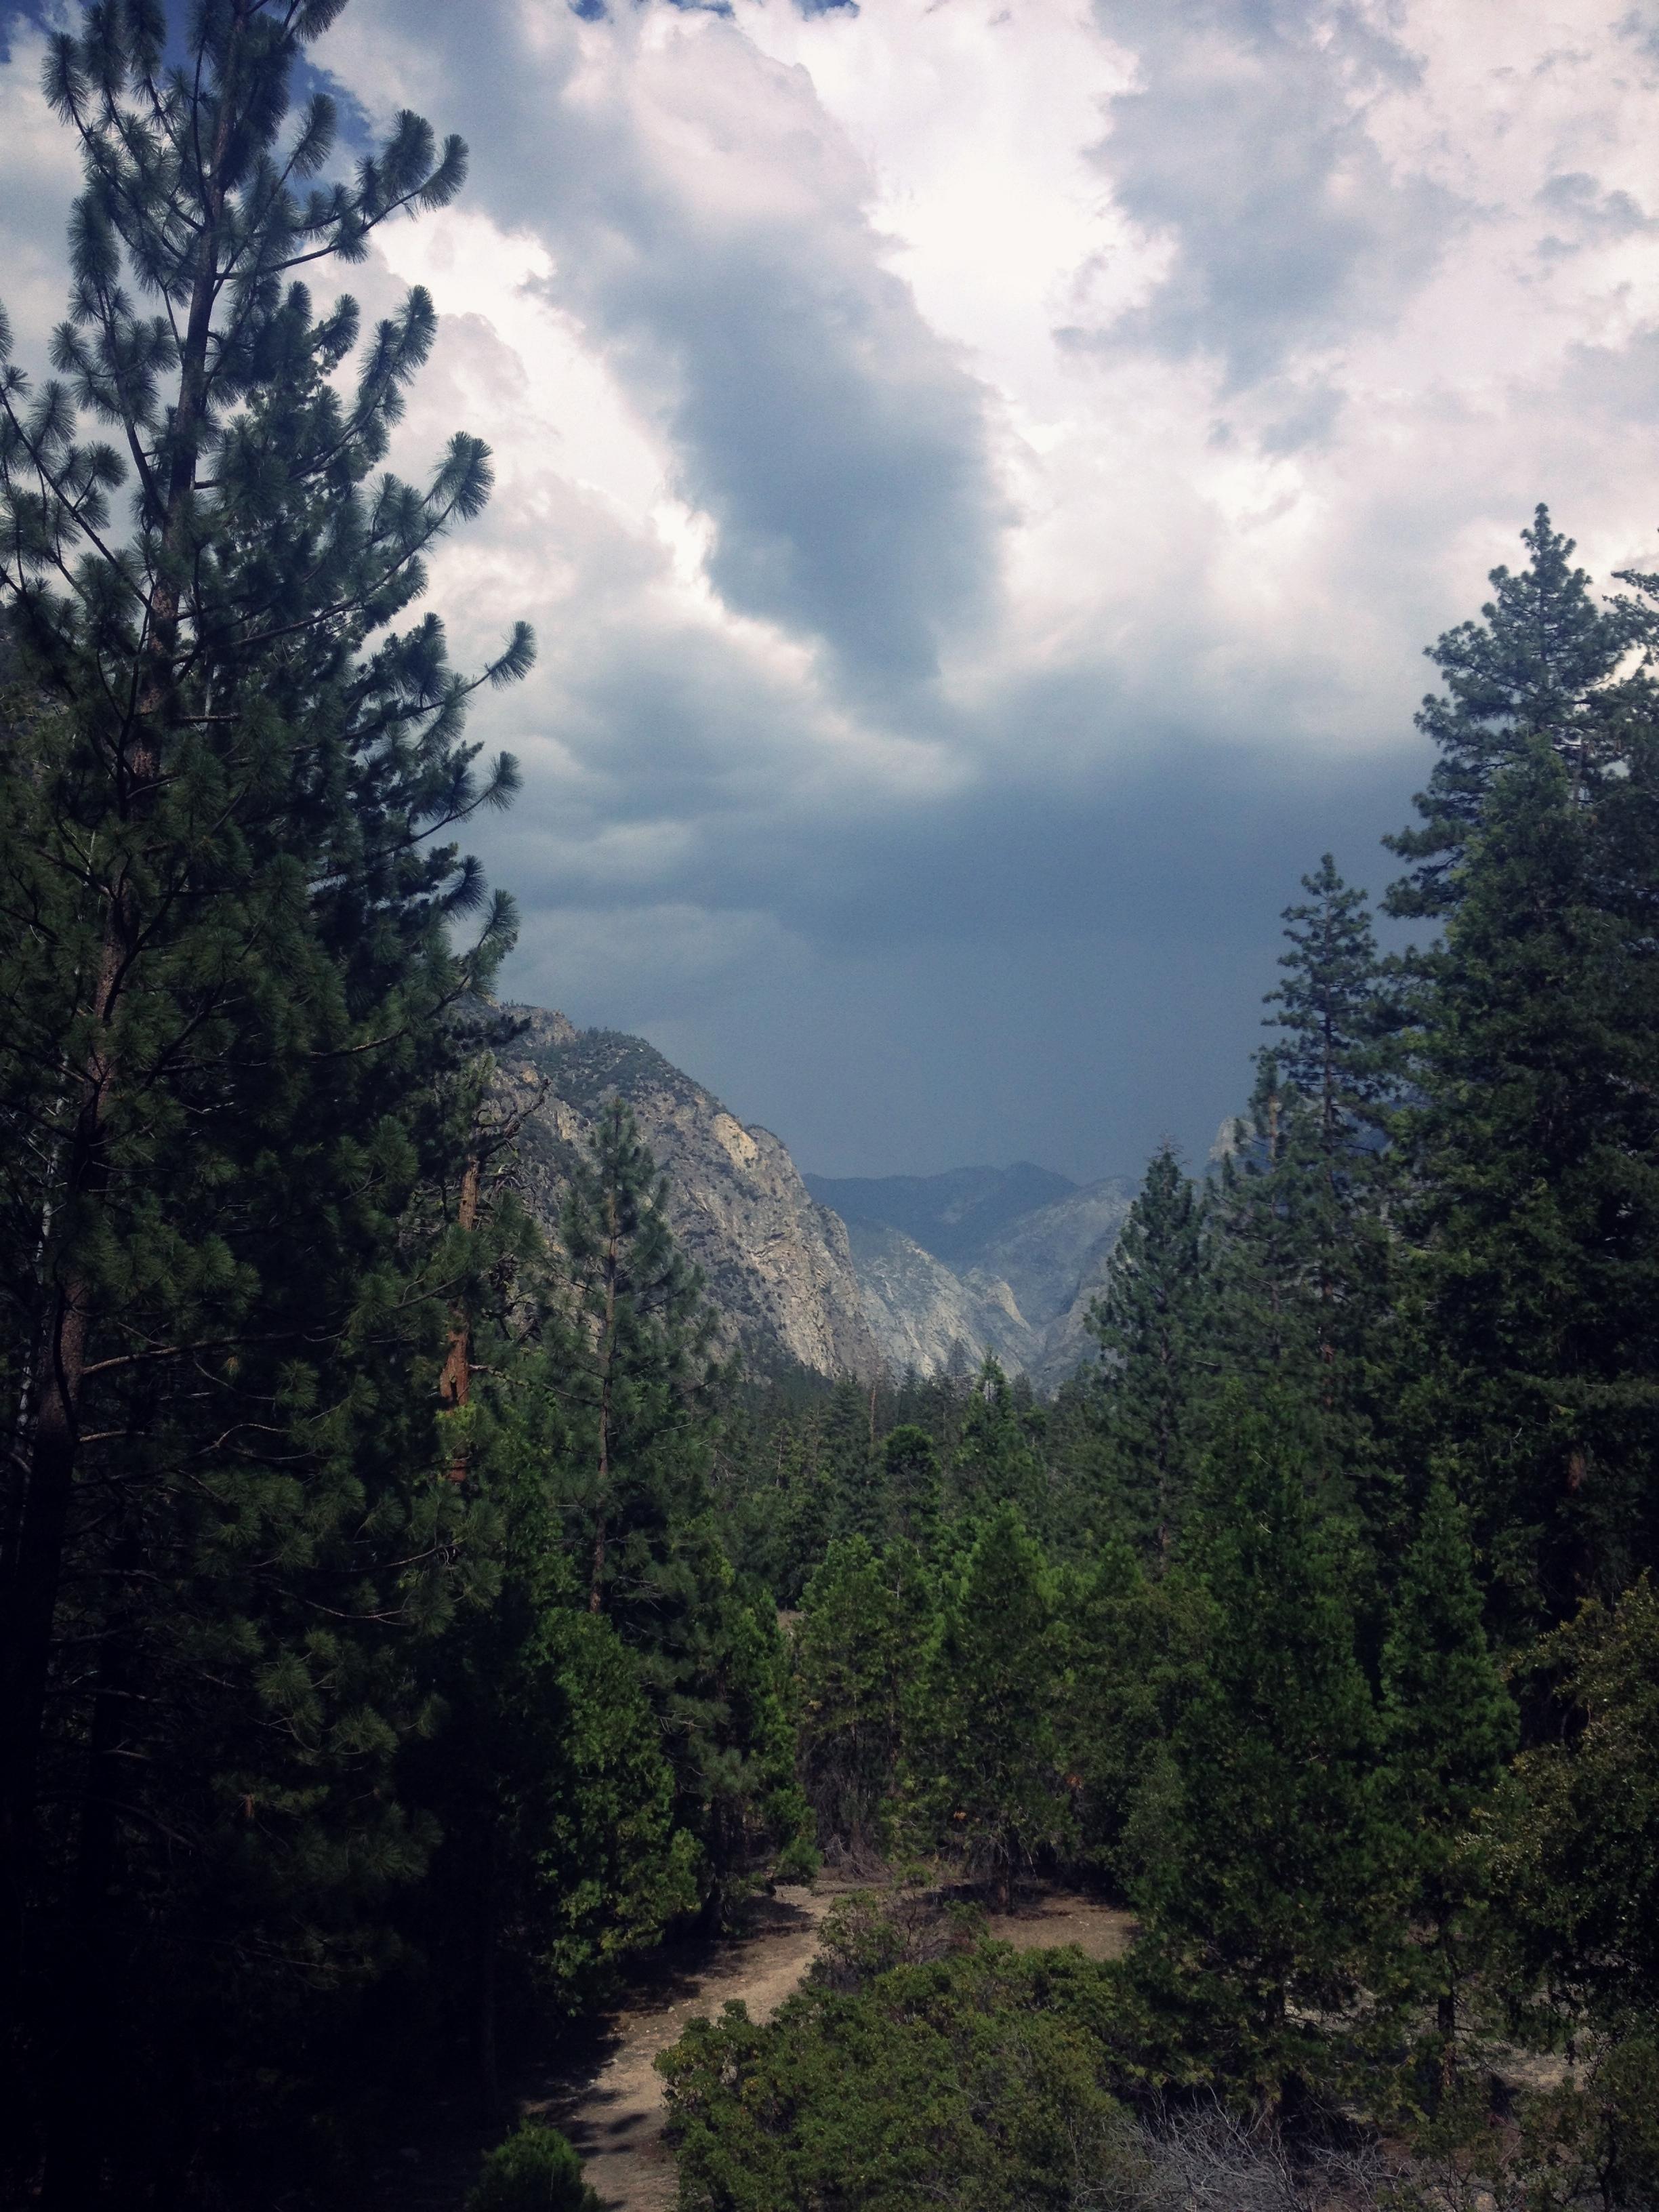 Mountain Vista in Kings Canyon, California